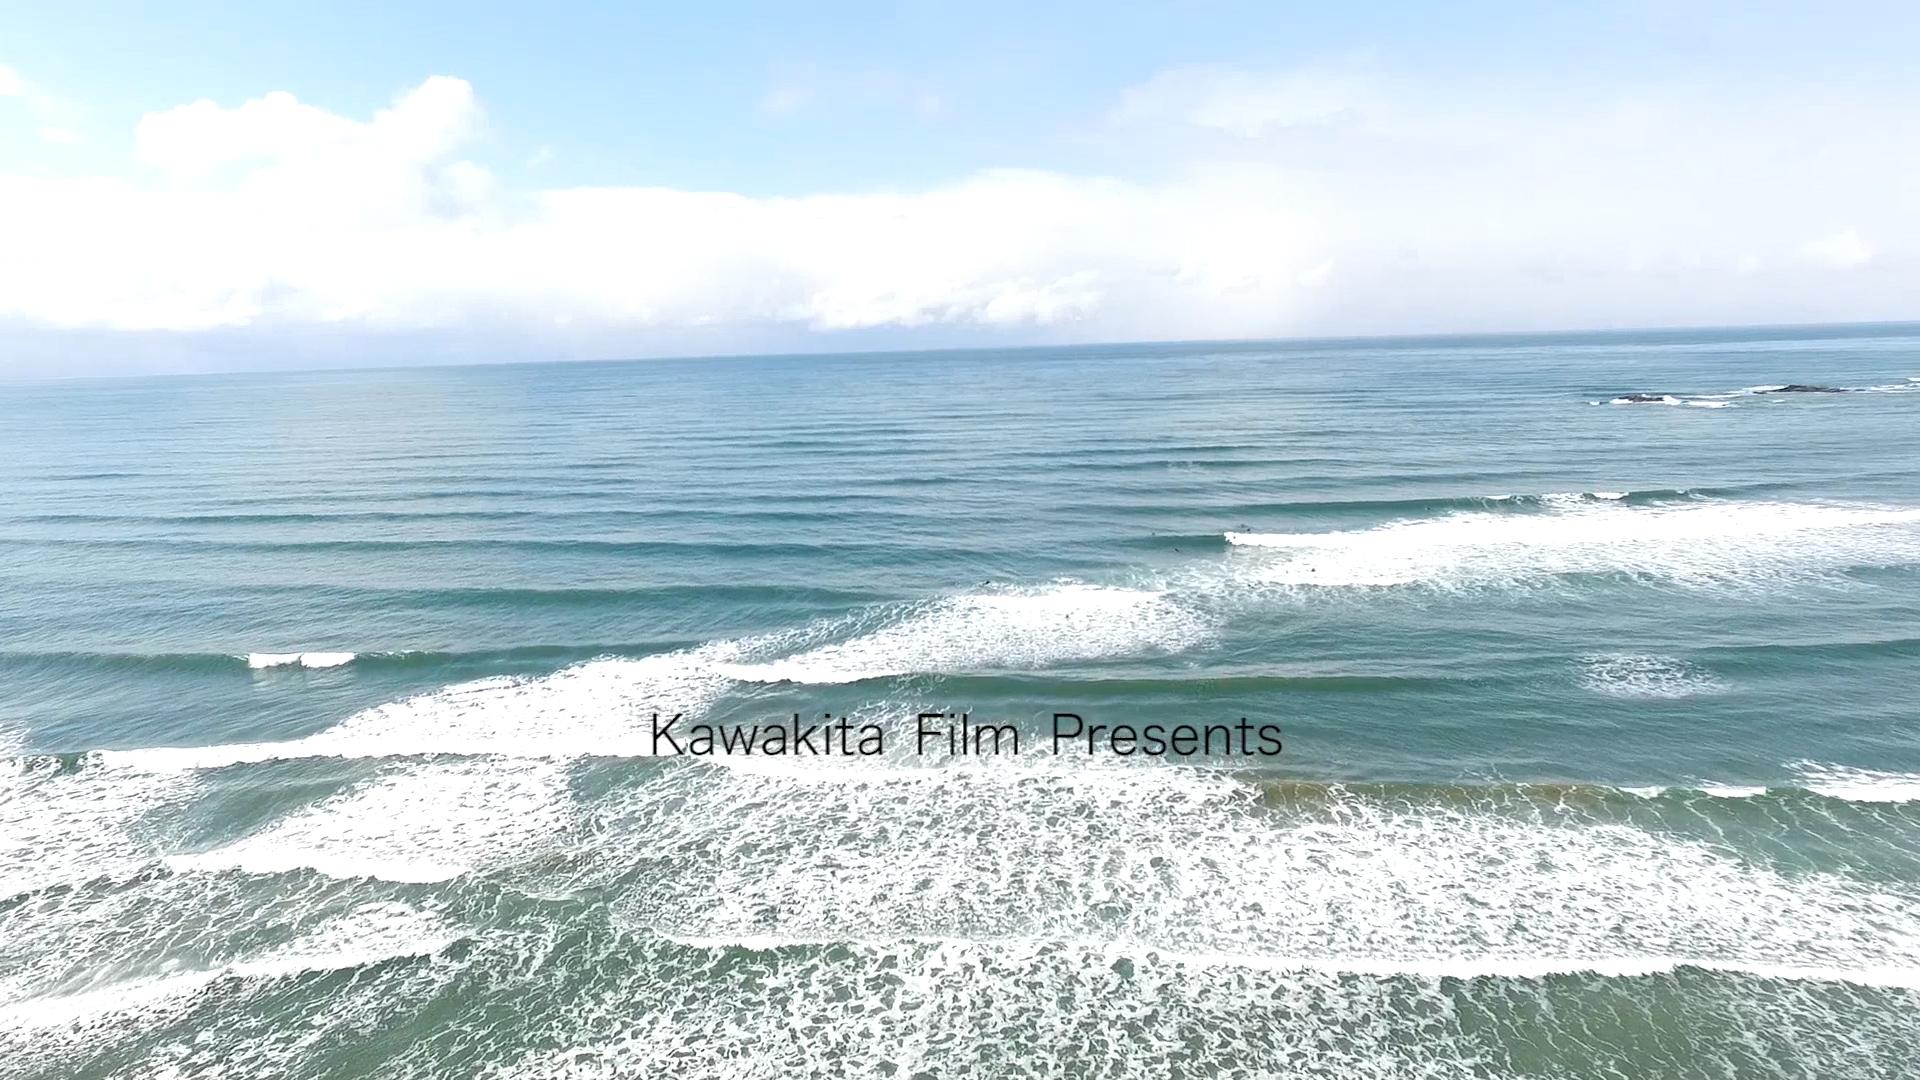 海空チャンネル01/ドローンサーフィン空撮映像